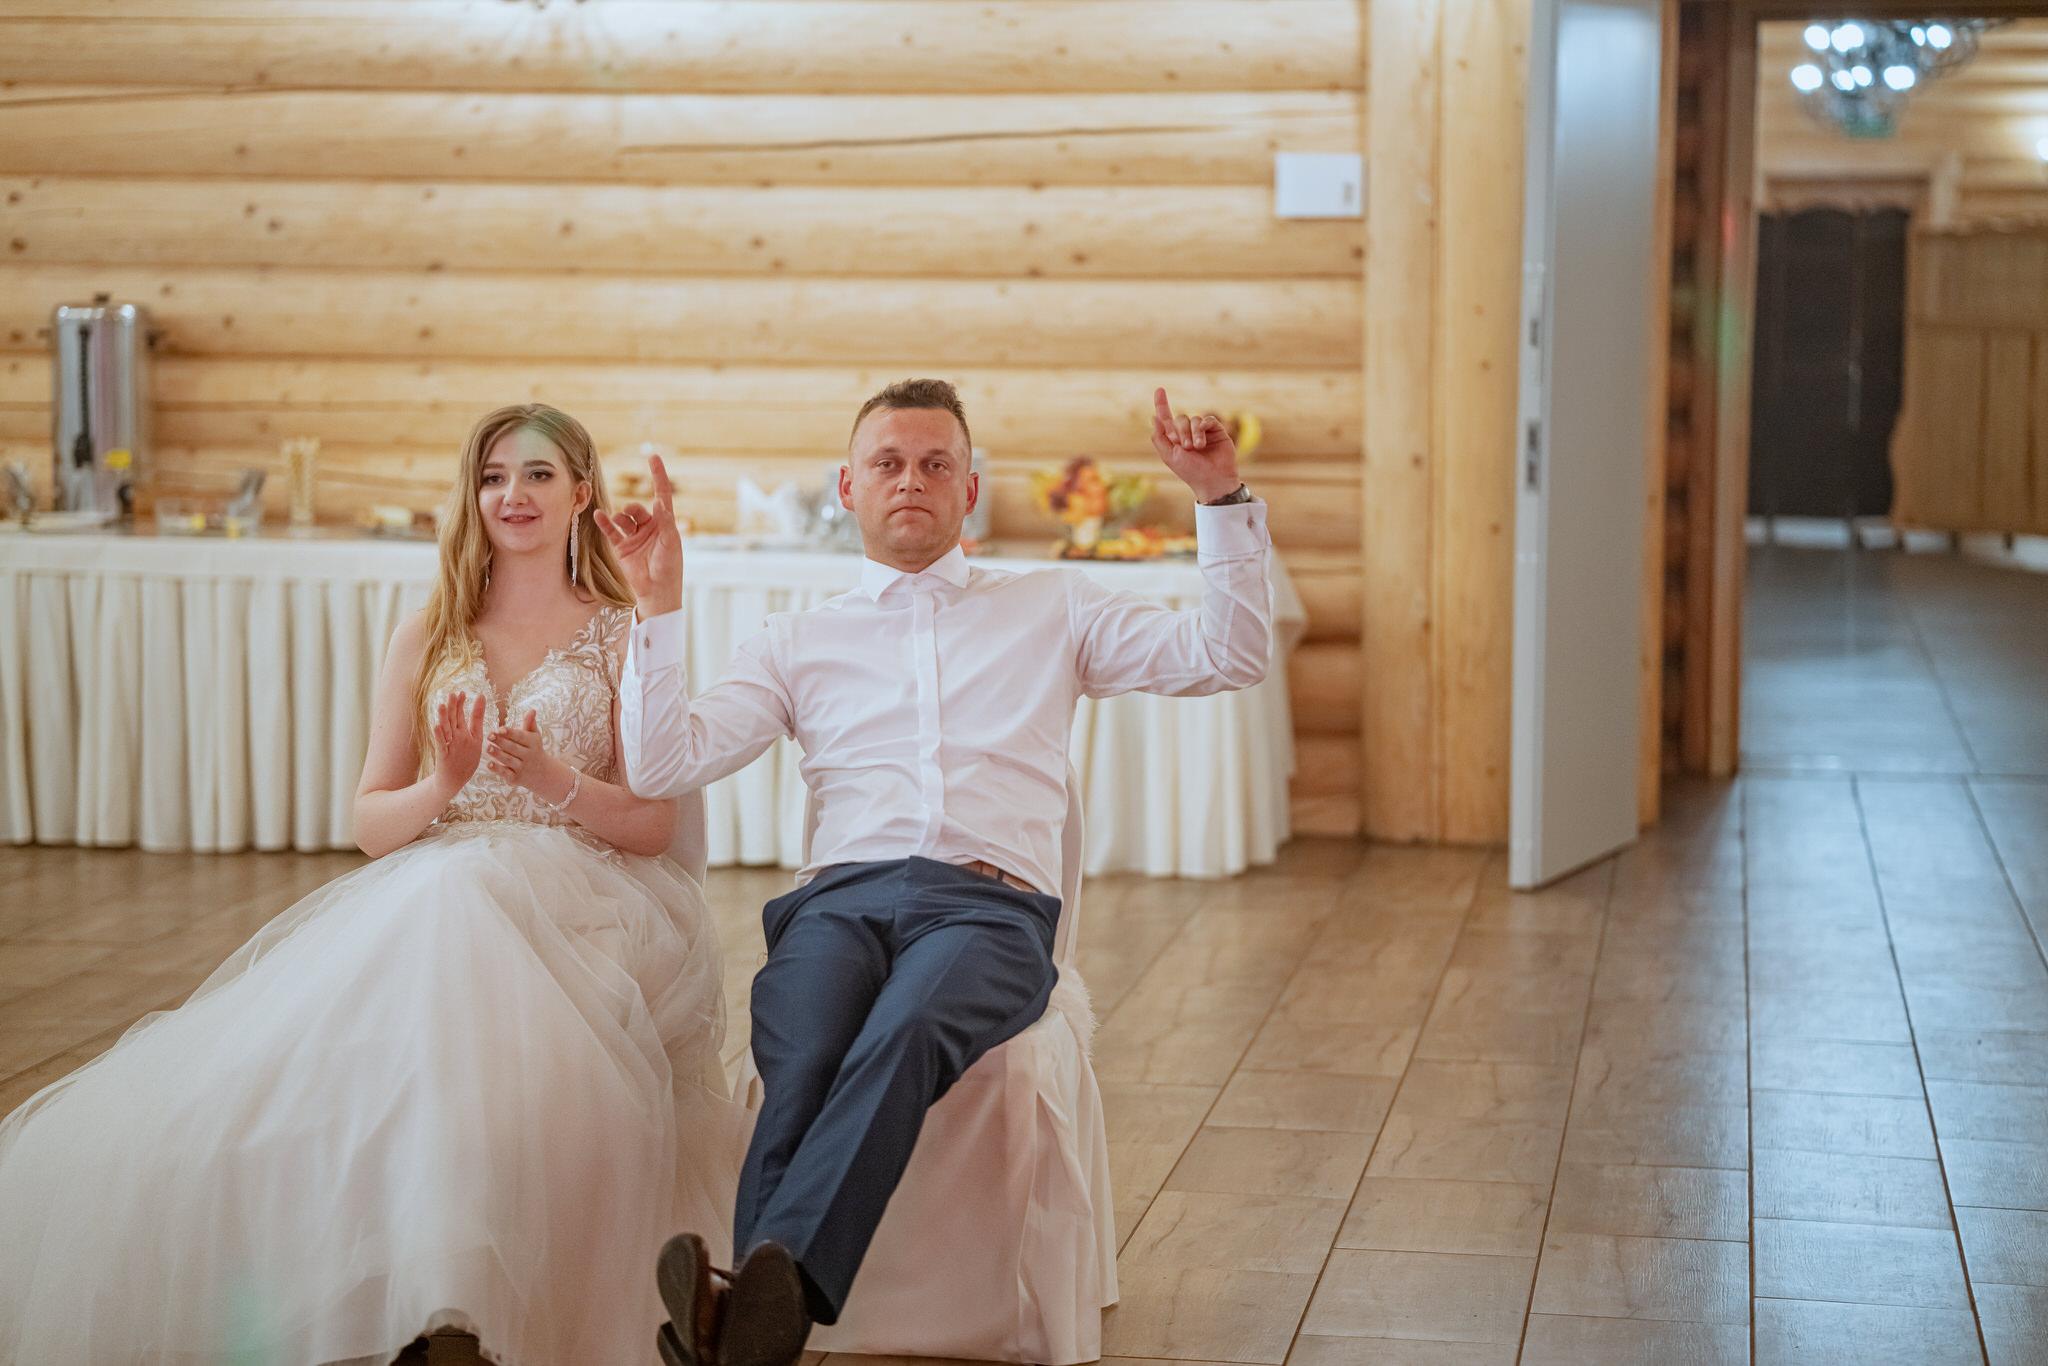 dominika jarek reportaz slubny zamosc krasnobrod 1037 - Ślub w Zamościu. Wesele w Krasnobrodzie | Dominika i Jarek | 29.05.2021